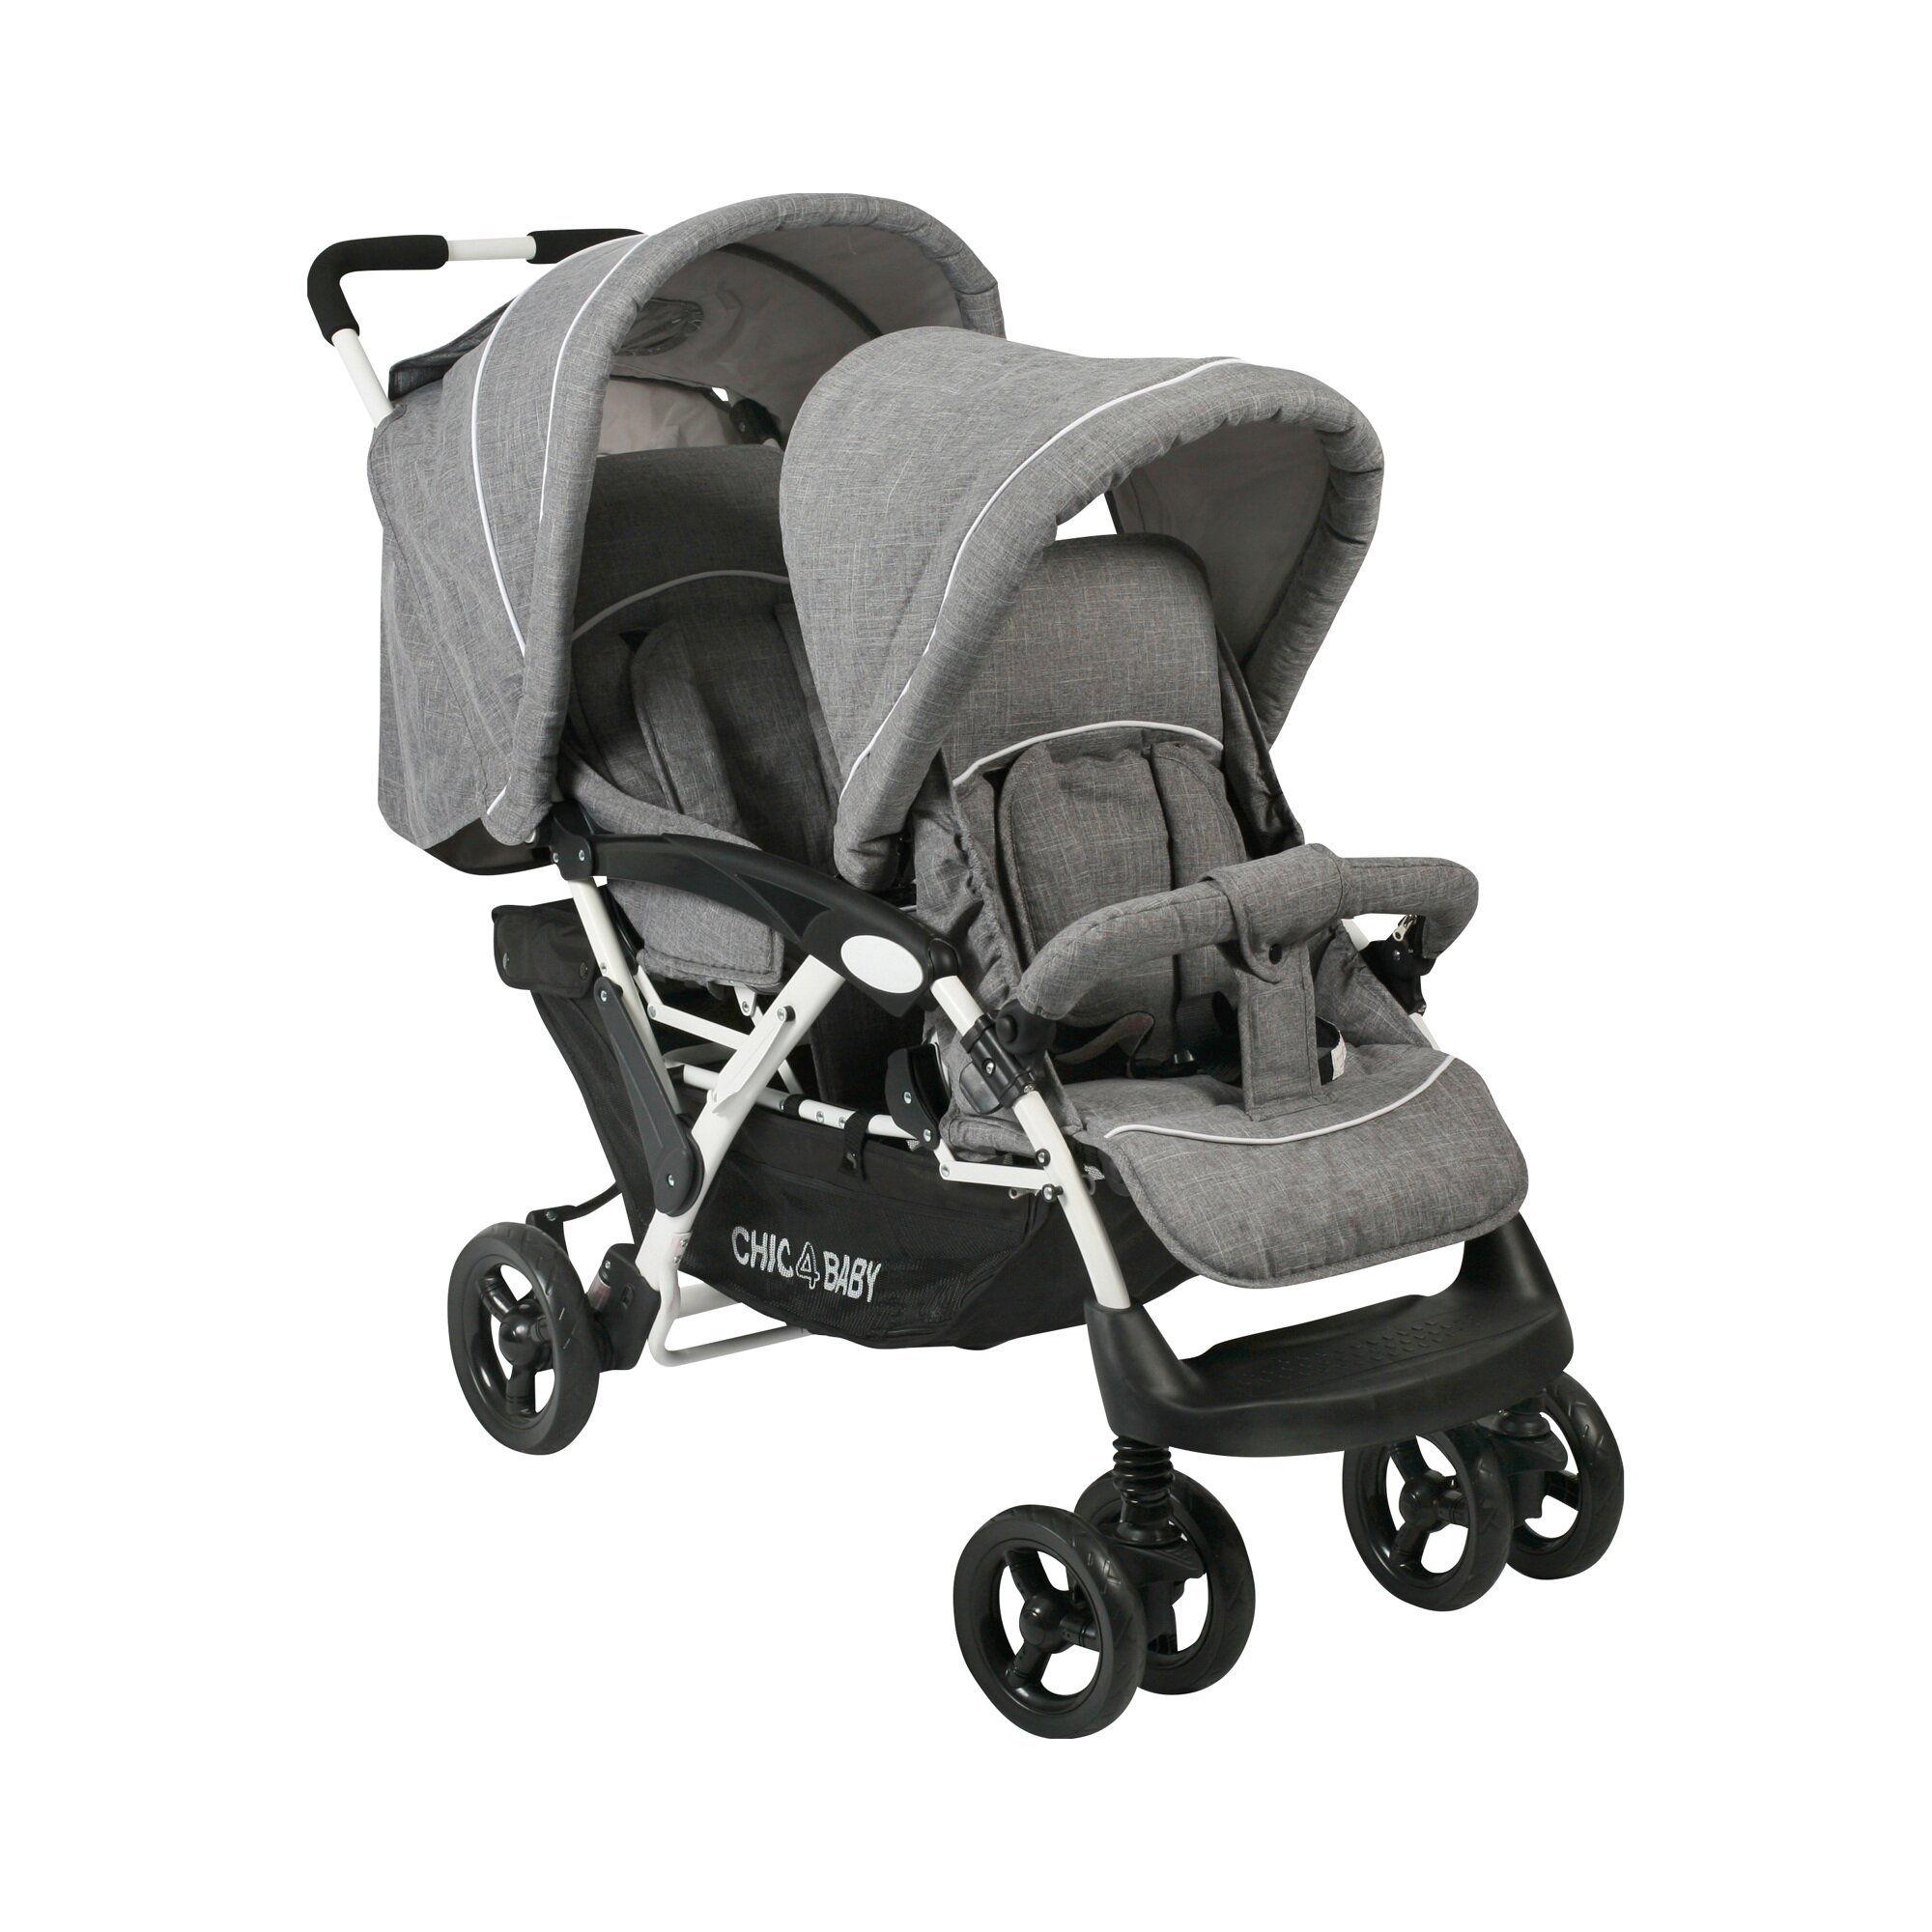 chic-4-baby-duo-zwillings-und-kinderwagen-geschwisterwagen-grau